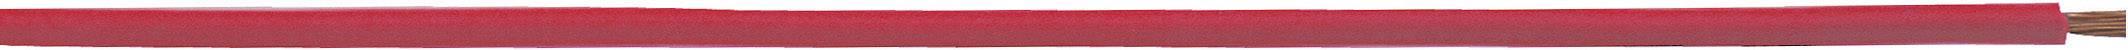 Opletenie / lanko LappKabel 4510092S H05V-K, 1 x 0.75 mm², vonkajší Ø 2.70 mm, 250 m, oranžová